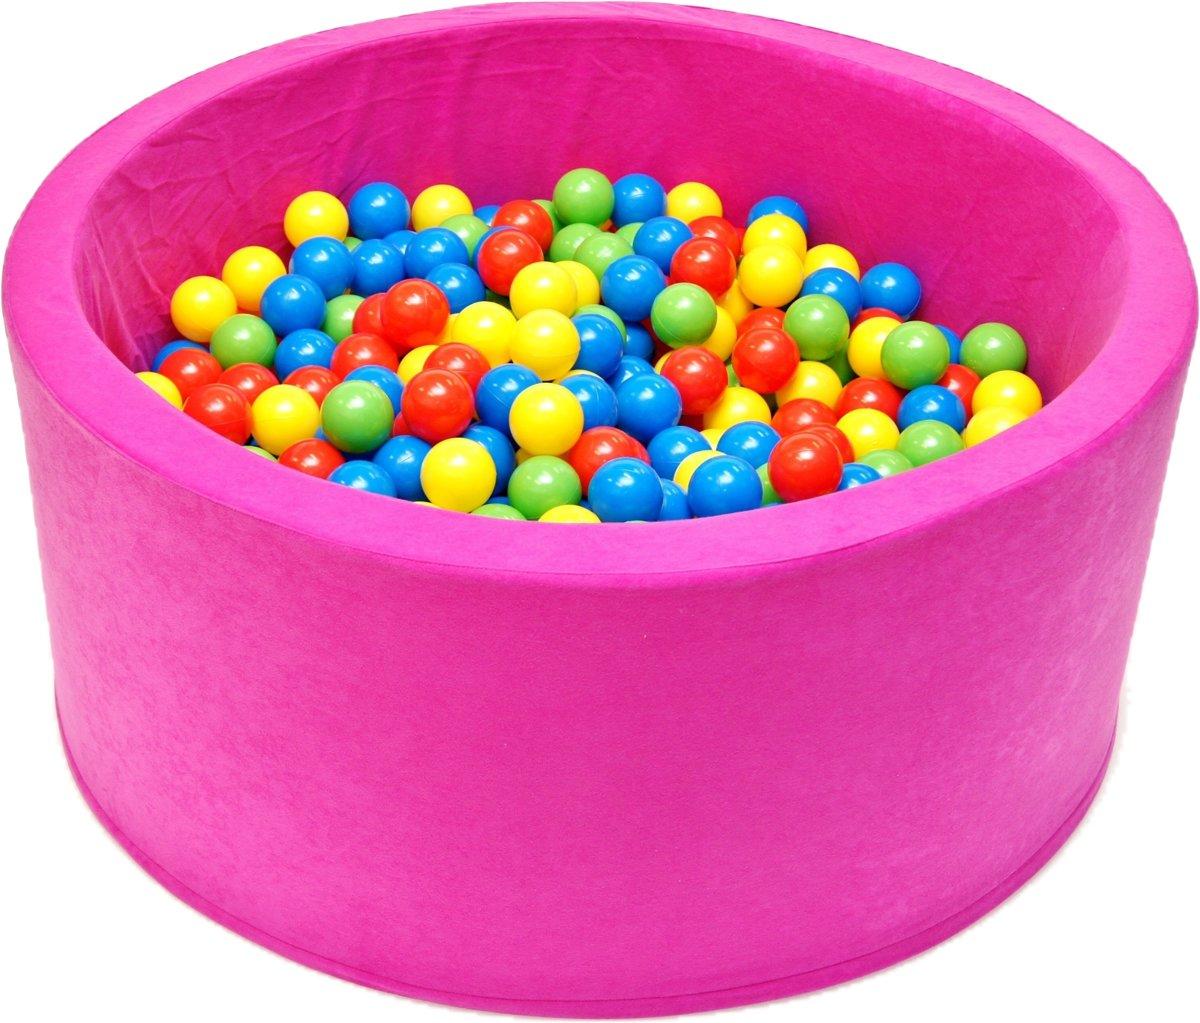 Ballenbak - stevige ballenbad - 90 x 40 cm - 200 ballen Ø 7 cm - geel, groen, rood en blauw